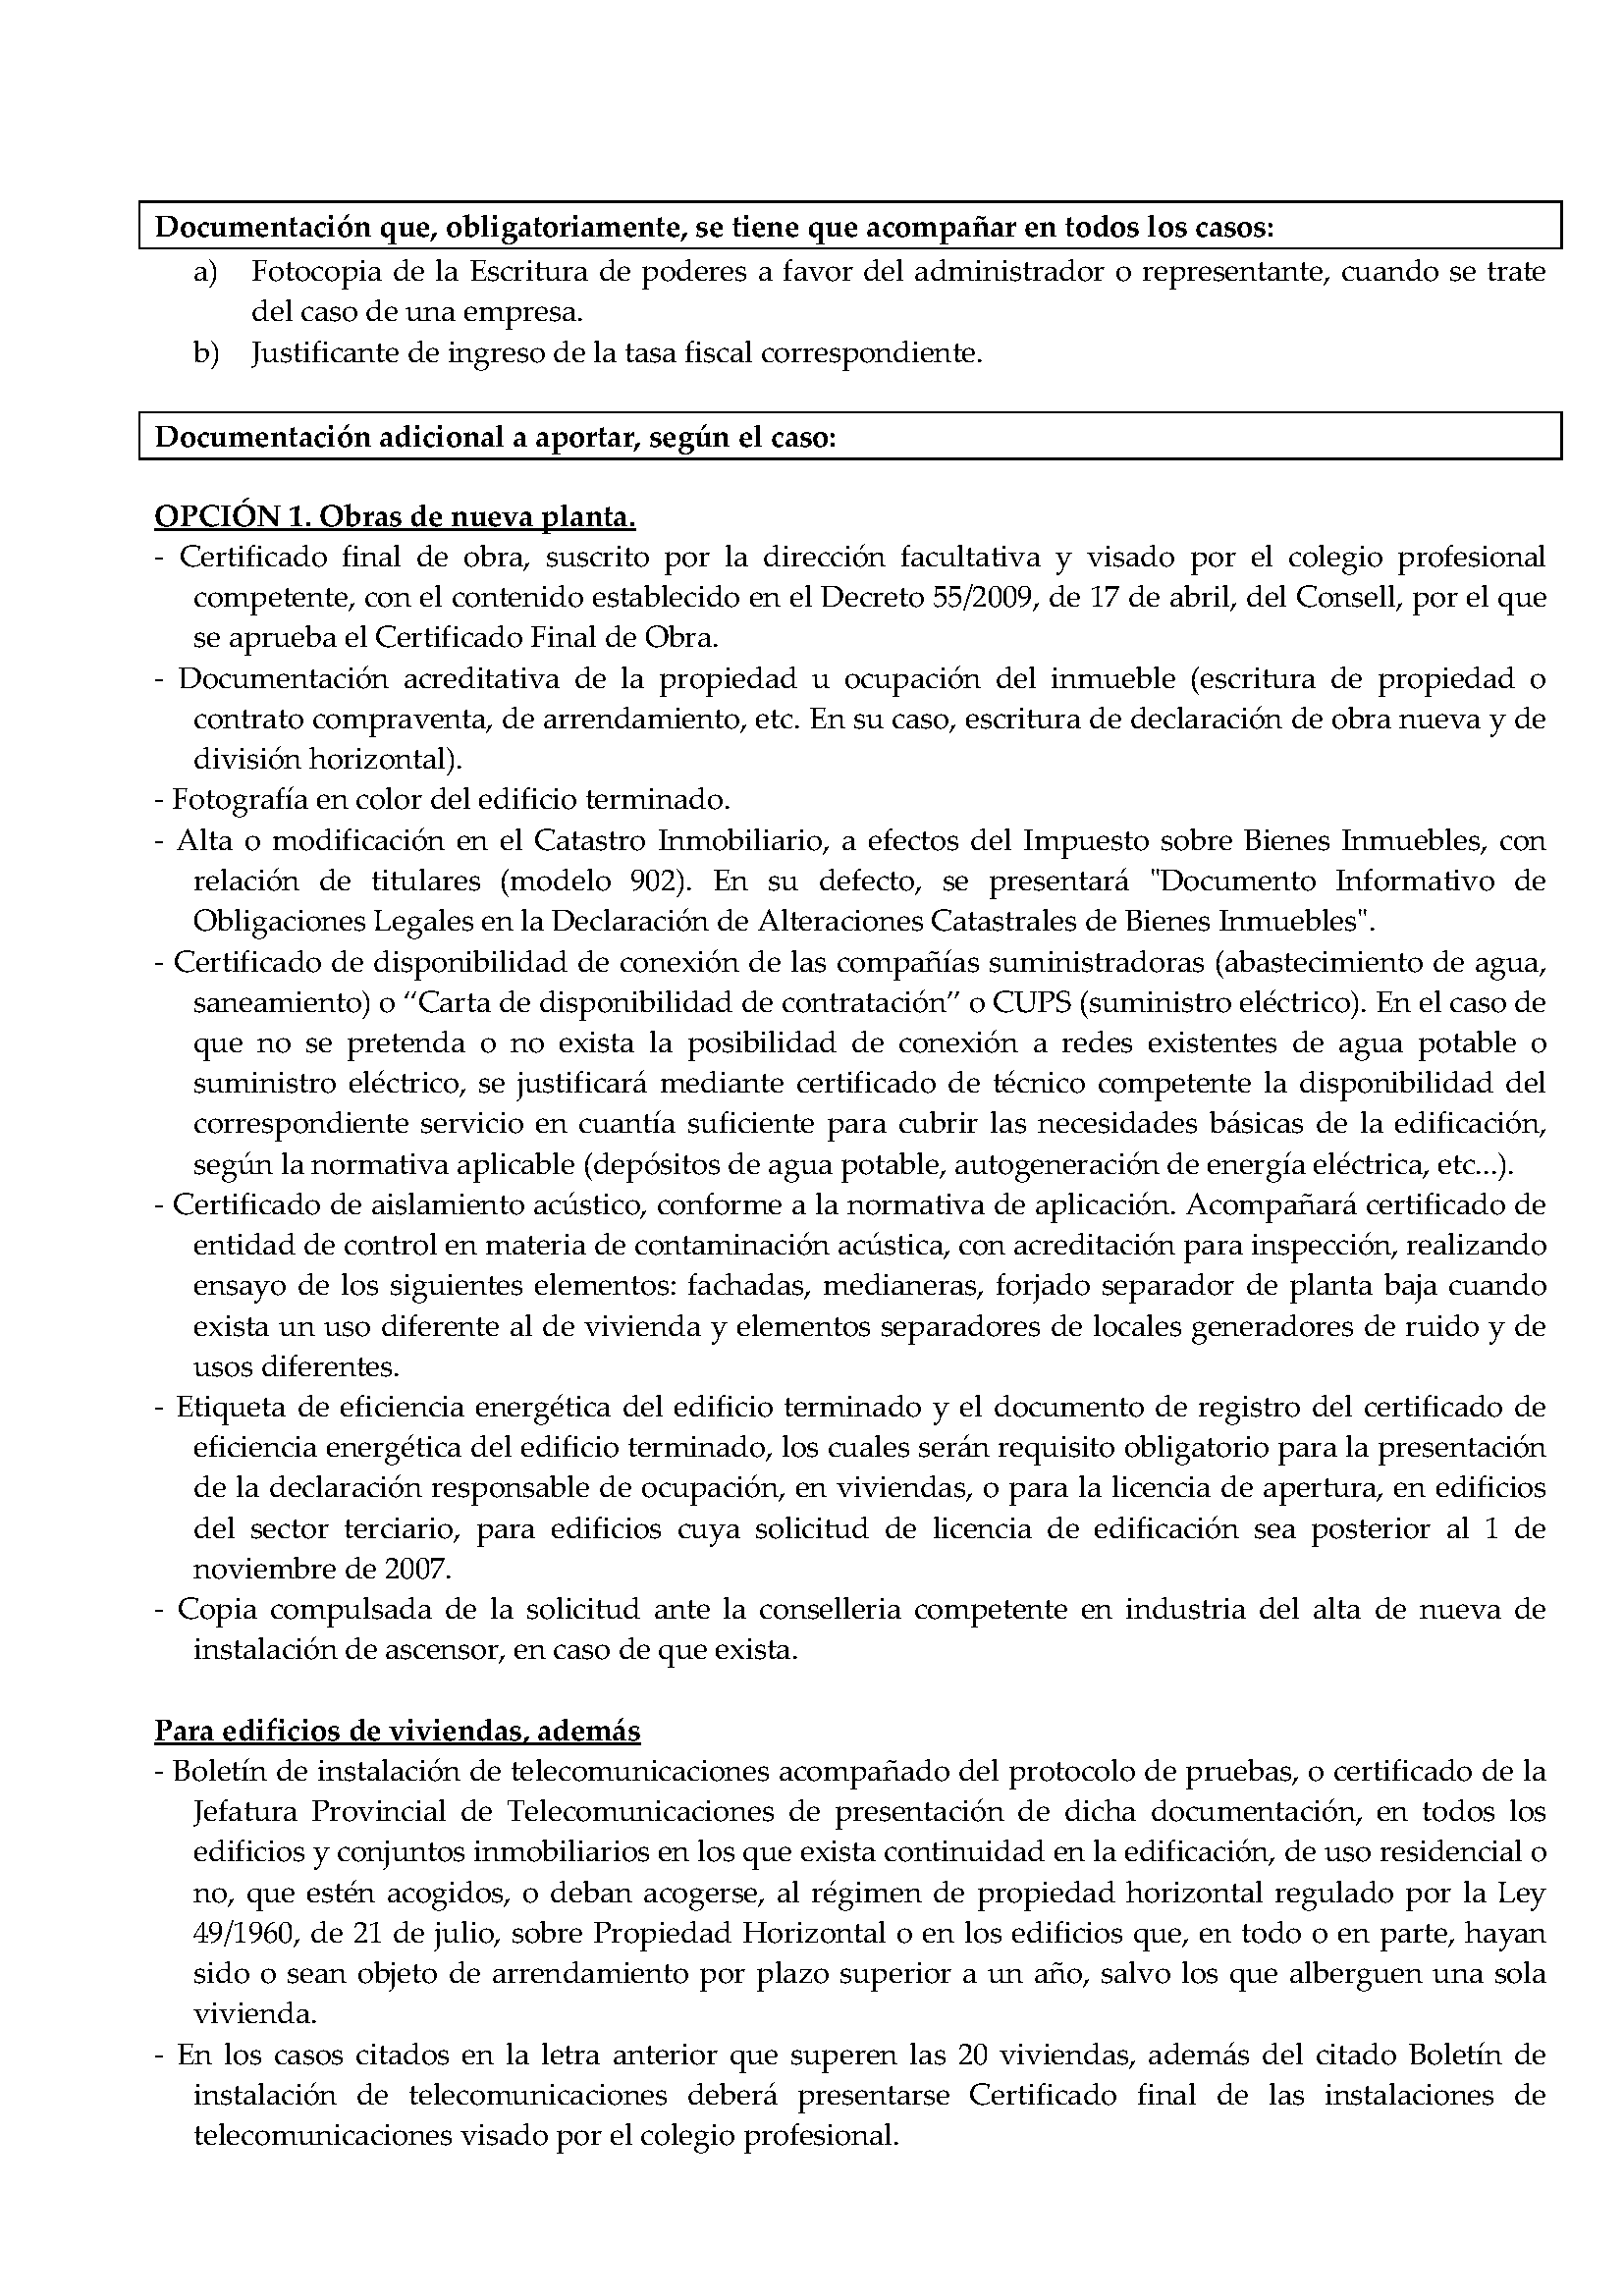 Impreso Declaración Responsable Segunda Ocupación Aspe